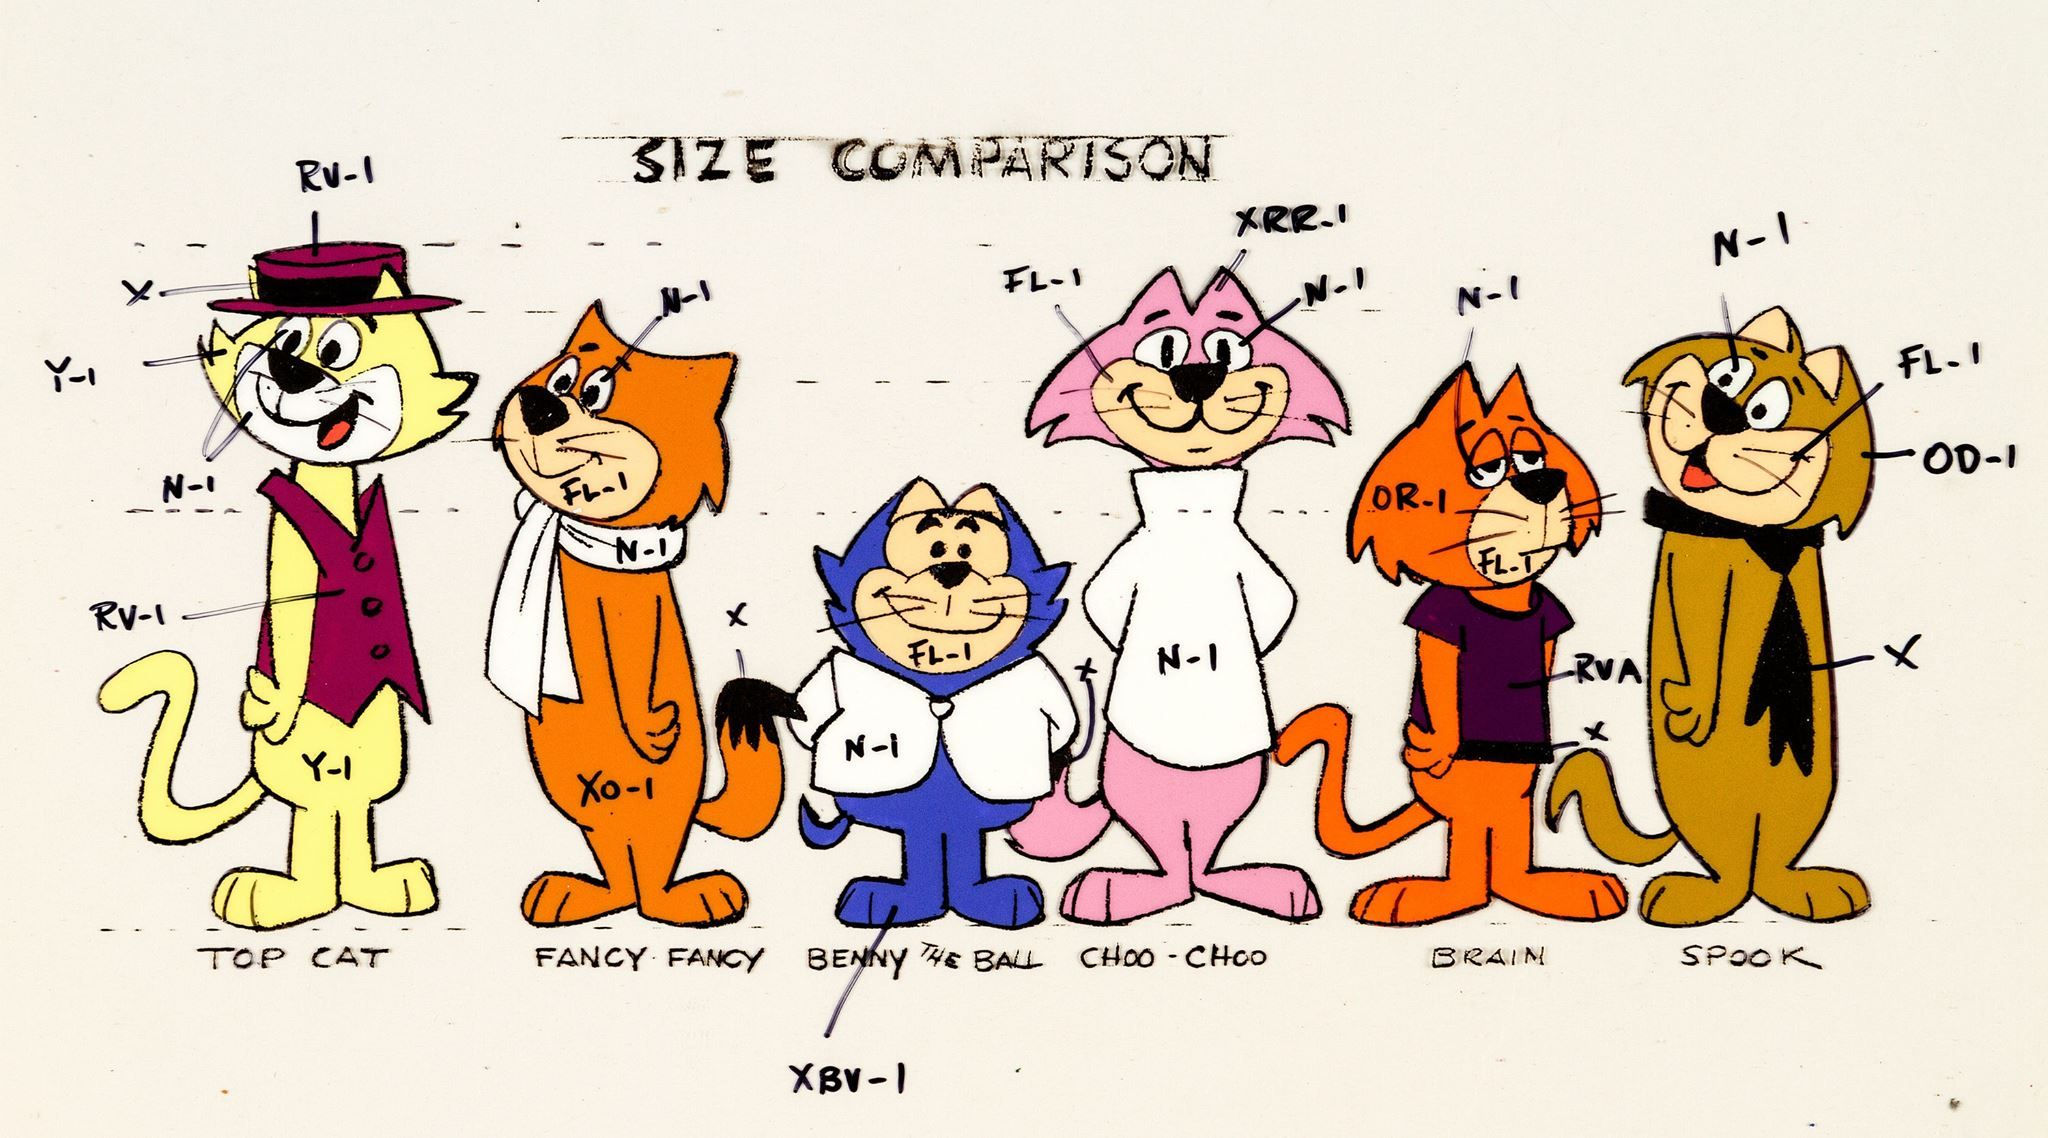 Top Cat Model Sheet   Cartoon sketches, Cartoon drawings ...